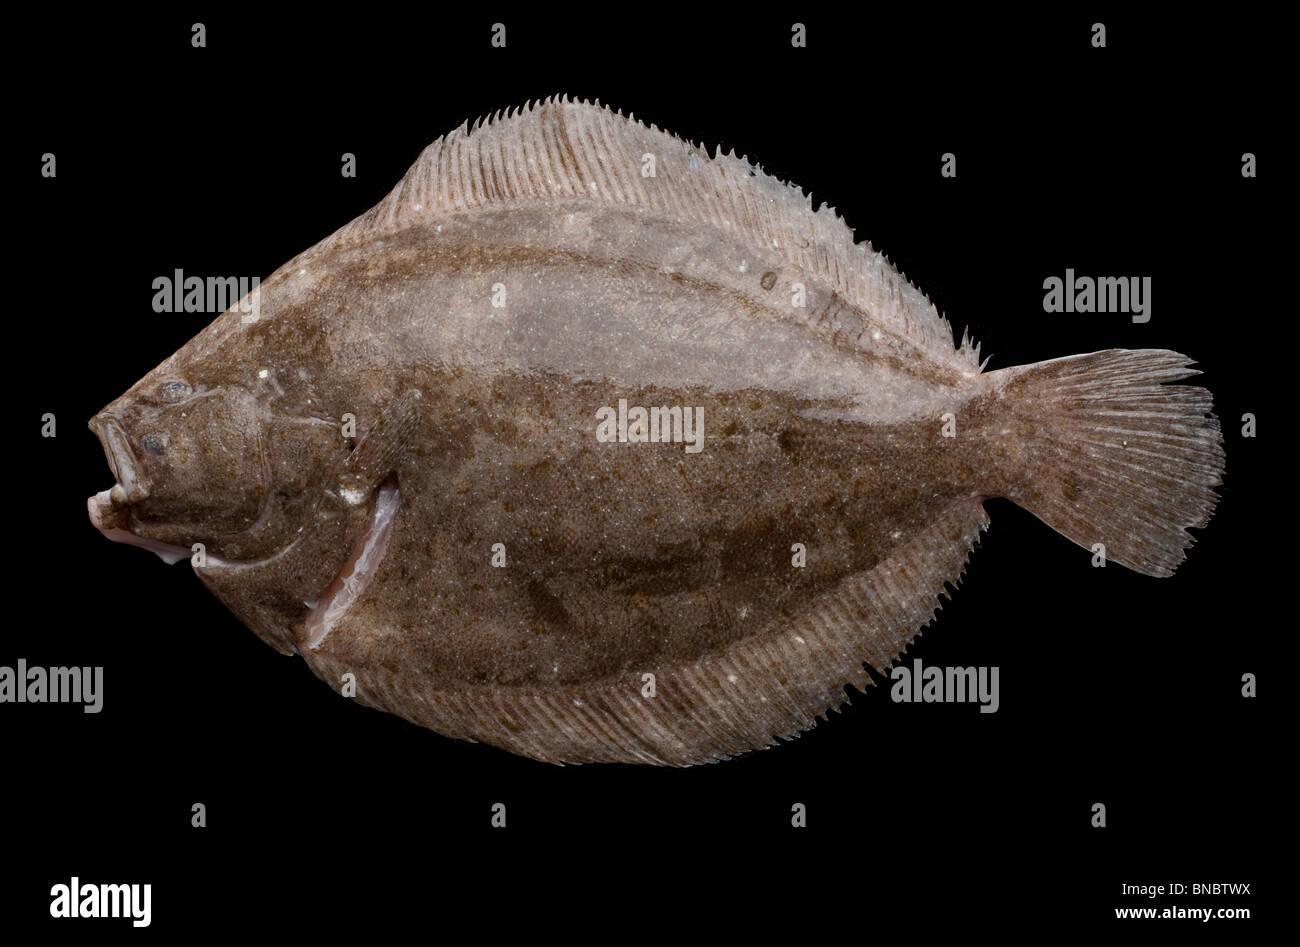 Rombo Liscio Scophthalmus Rhombus Una Specie Di Pesci Piatti Nella